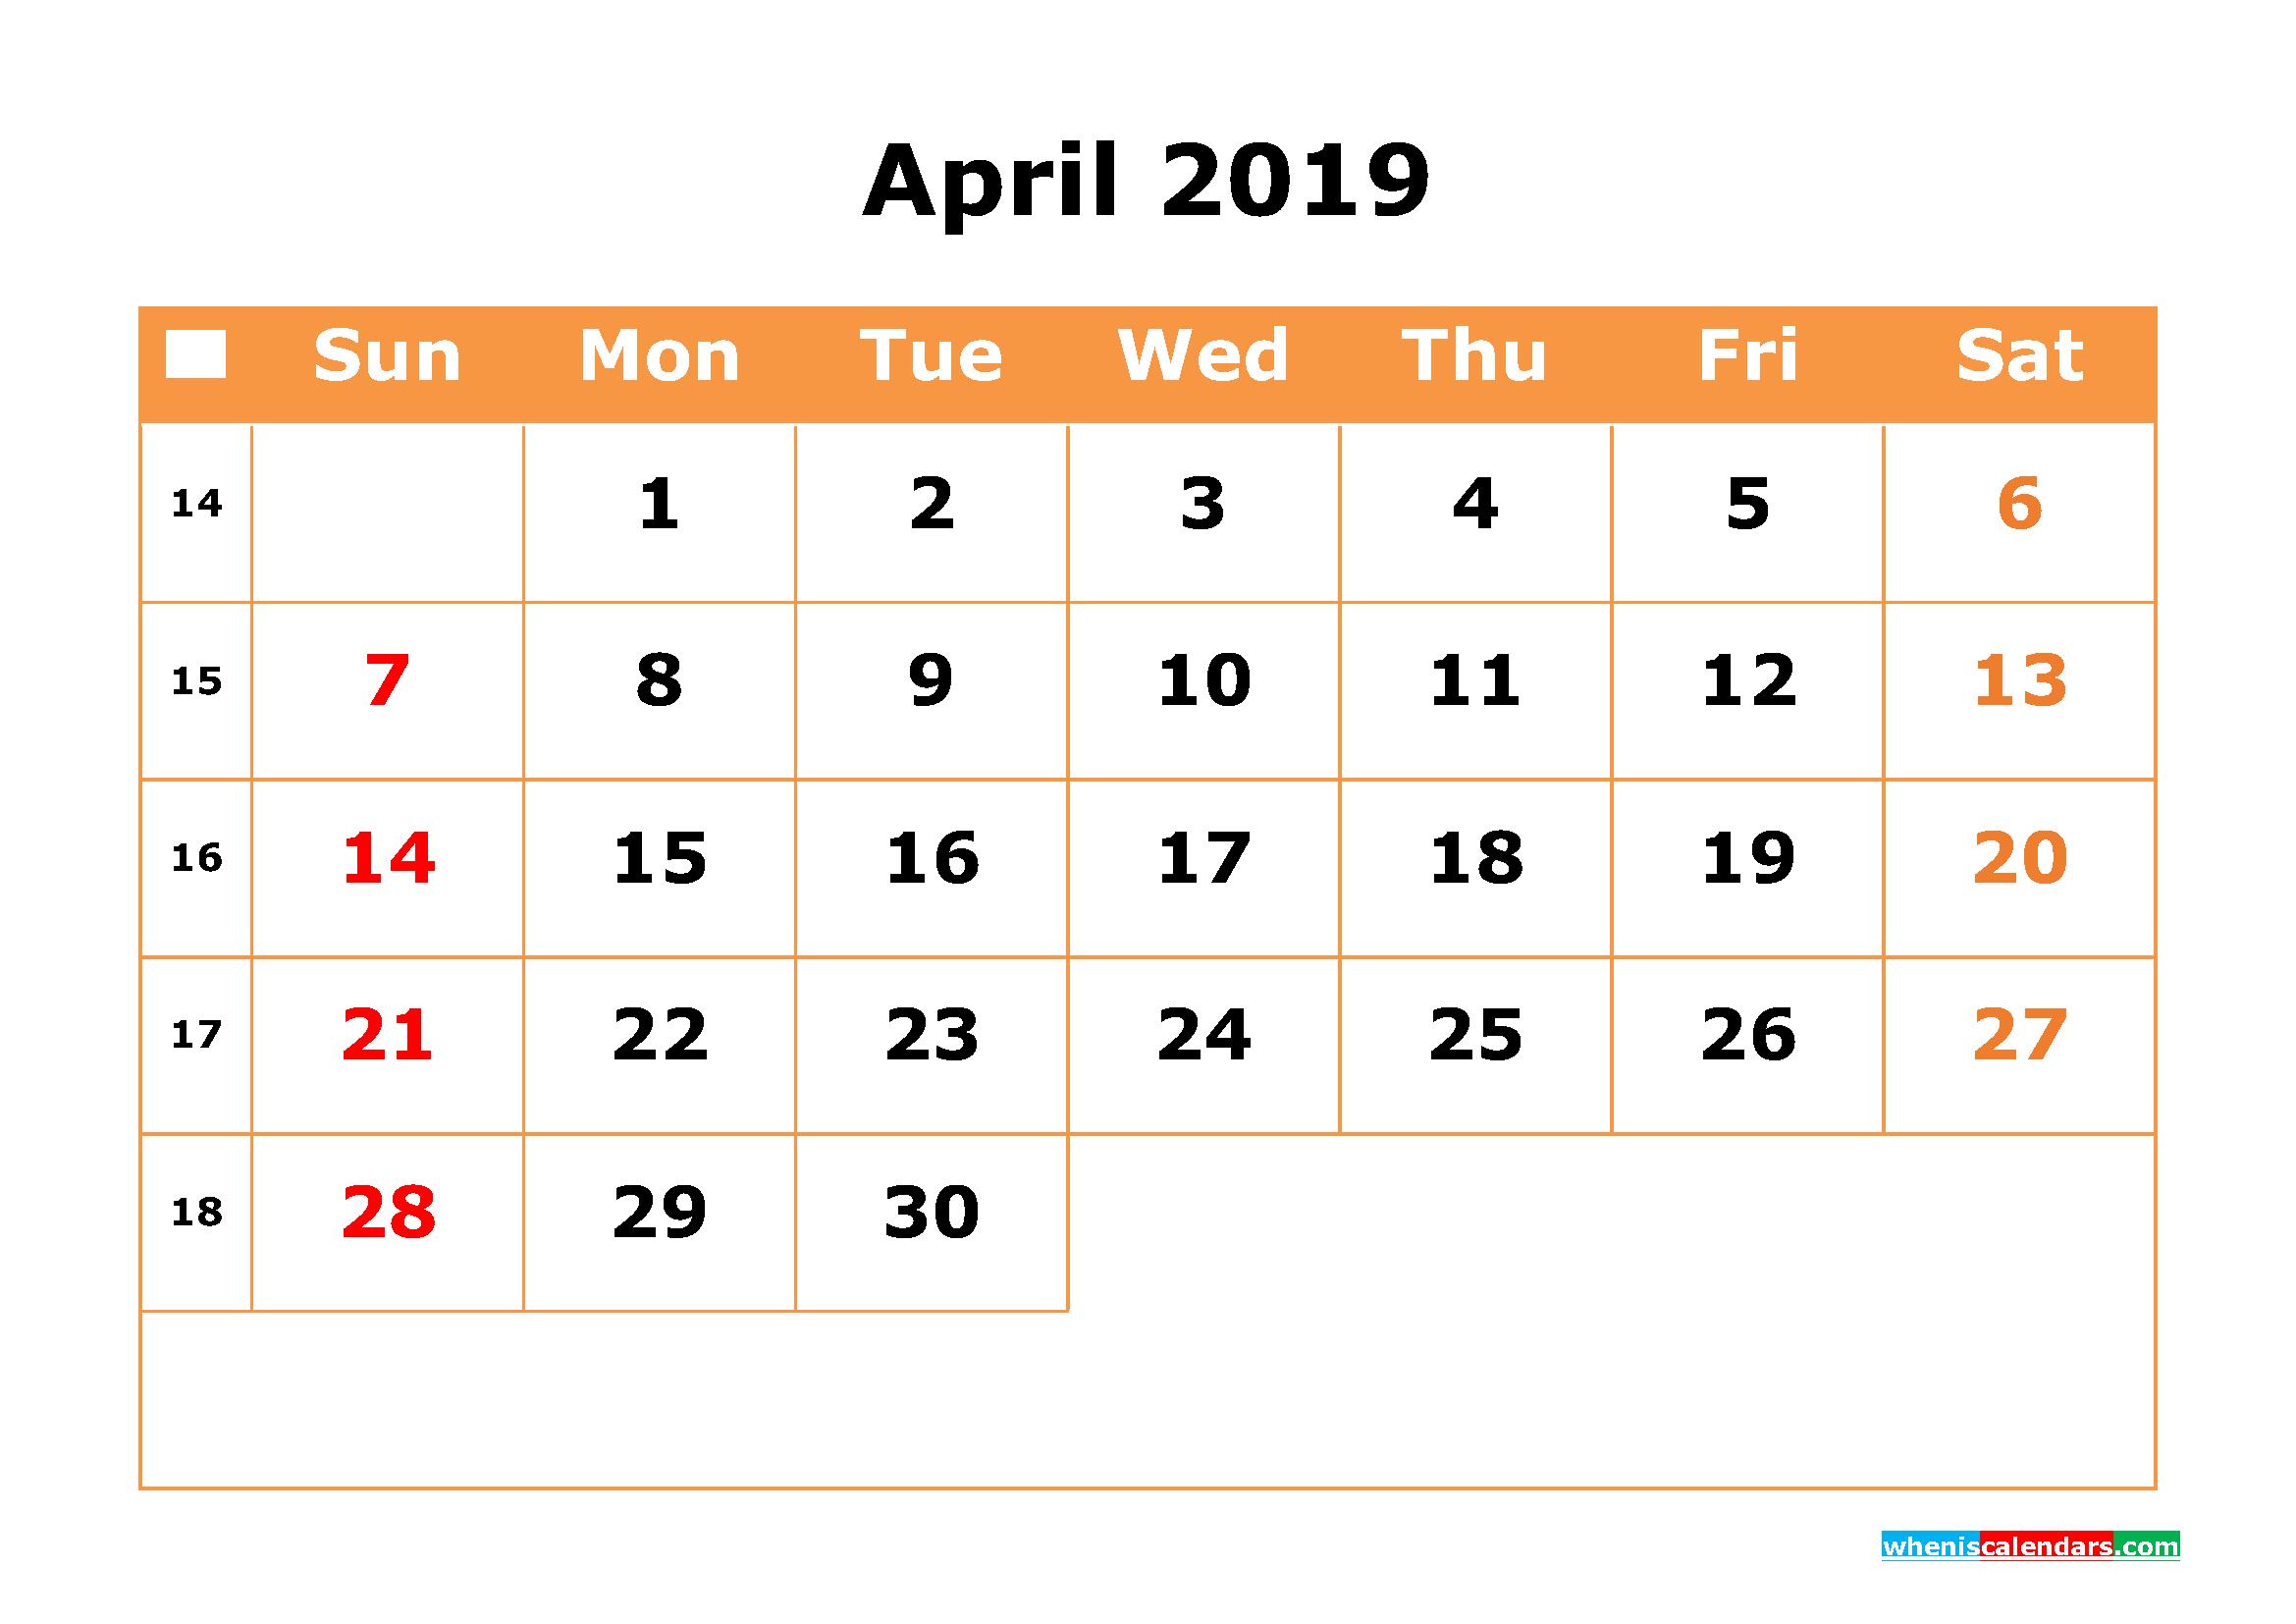 April 2019 Calendar with Week Numbers Printable